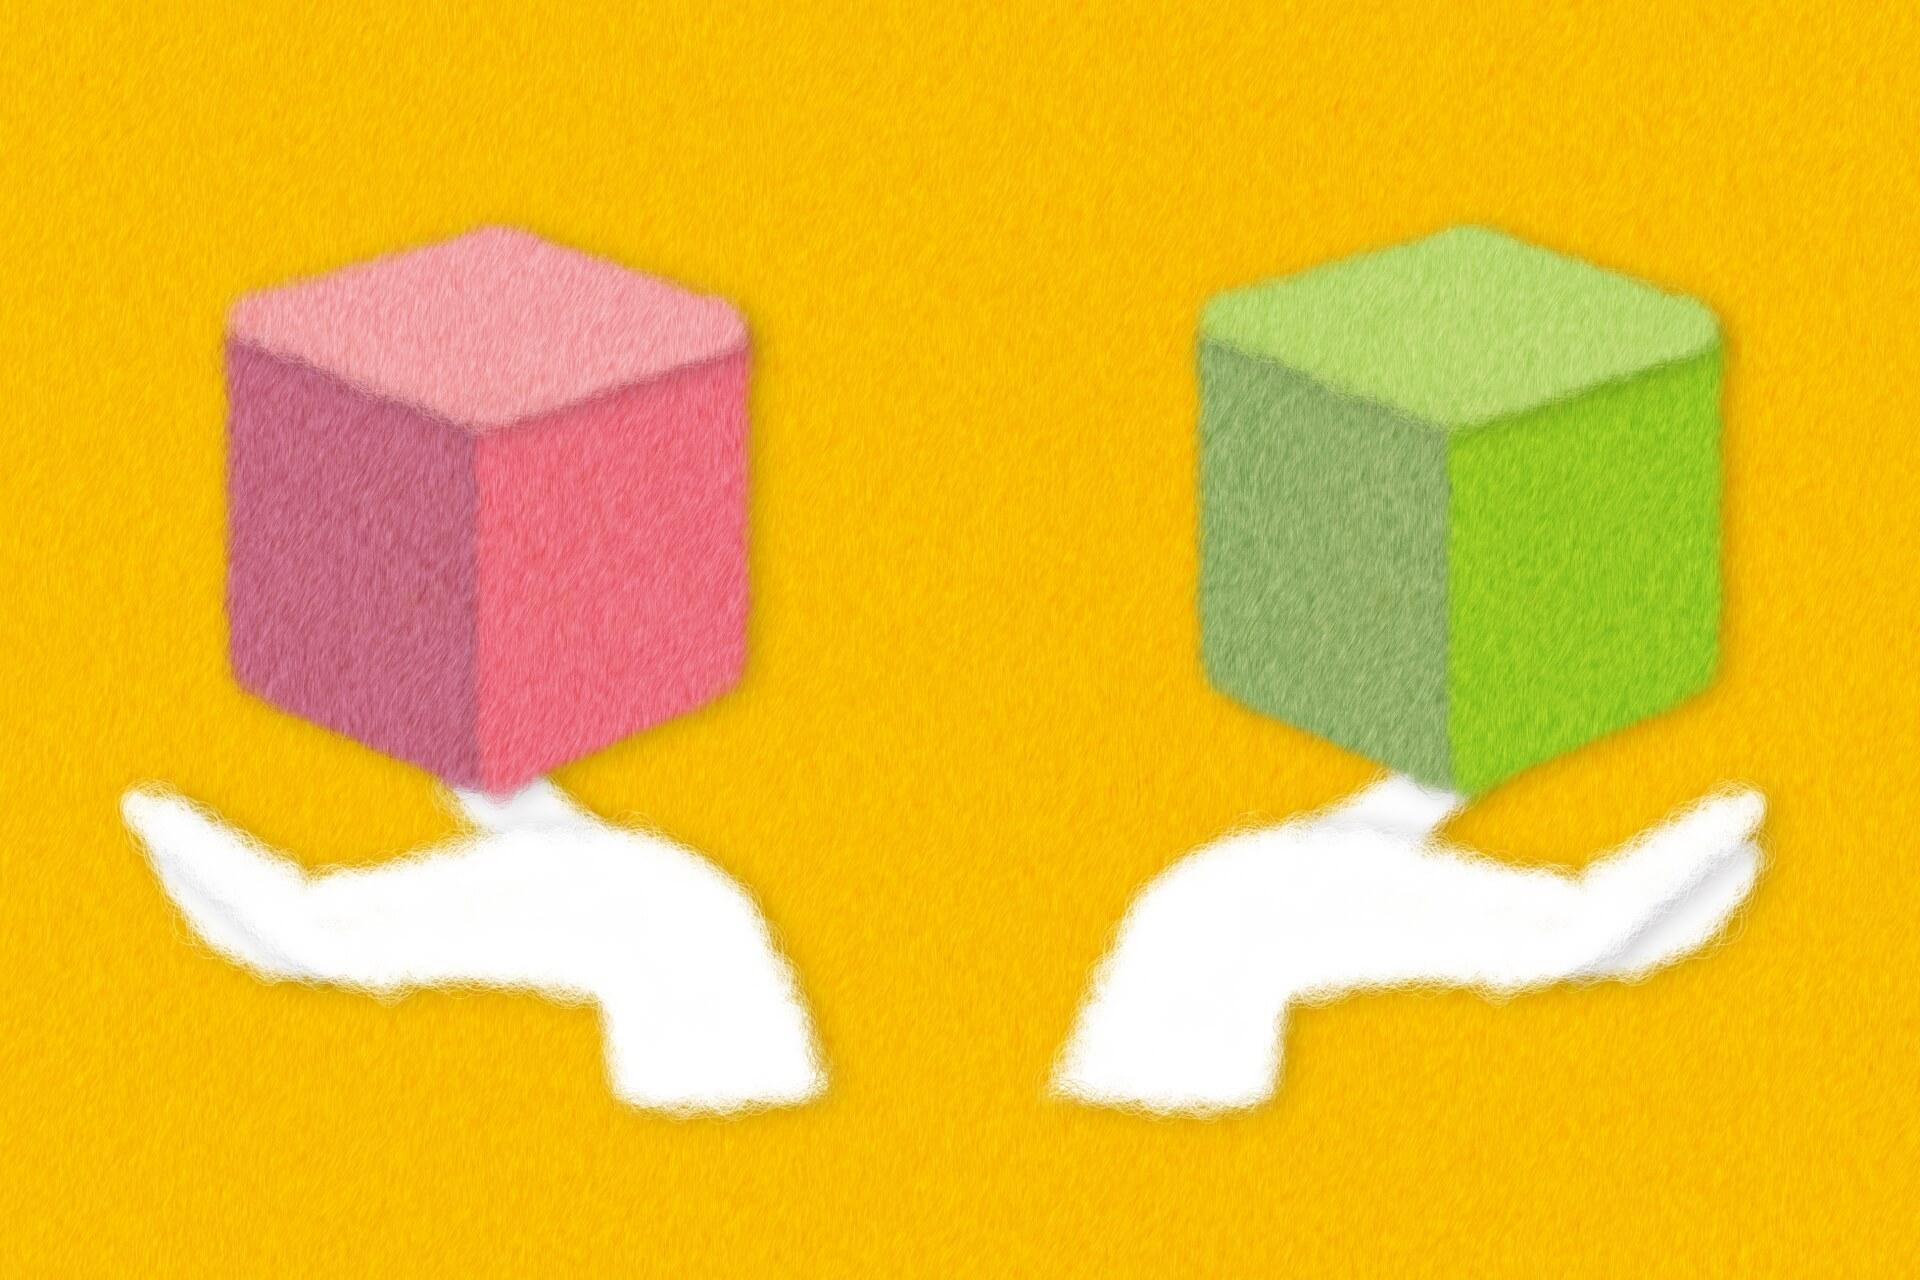 転職と転社の違い